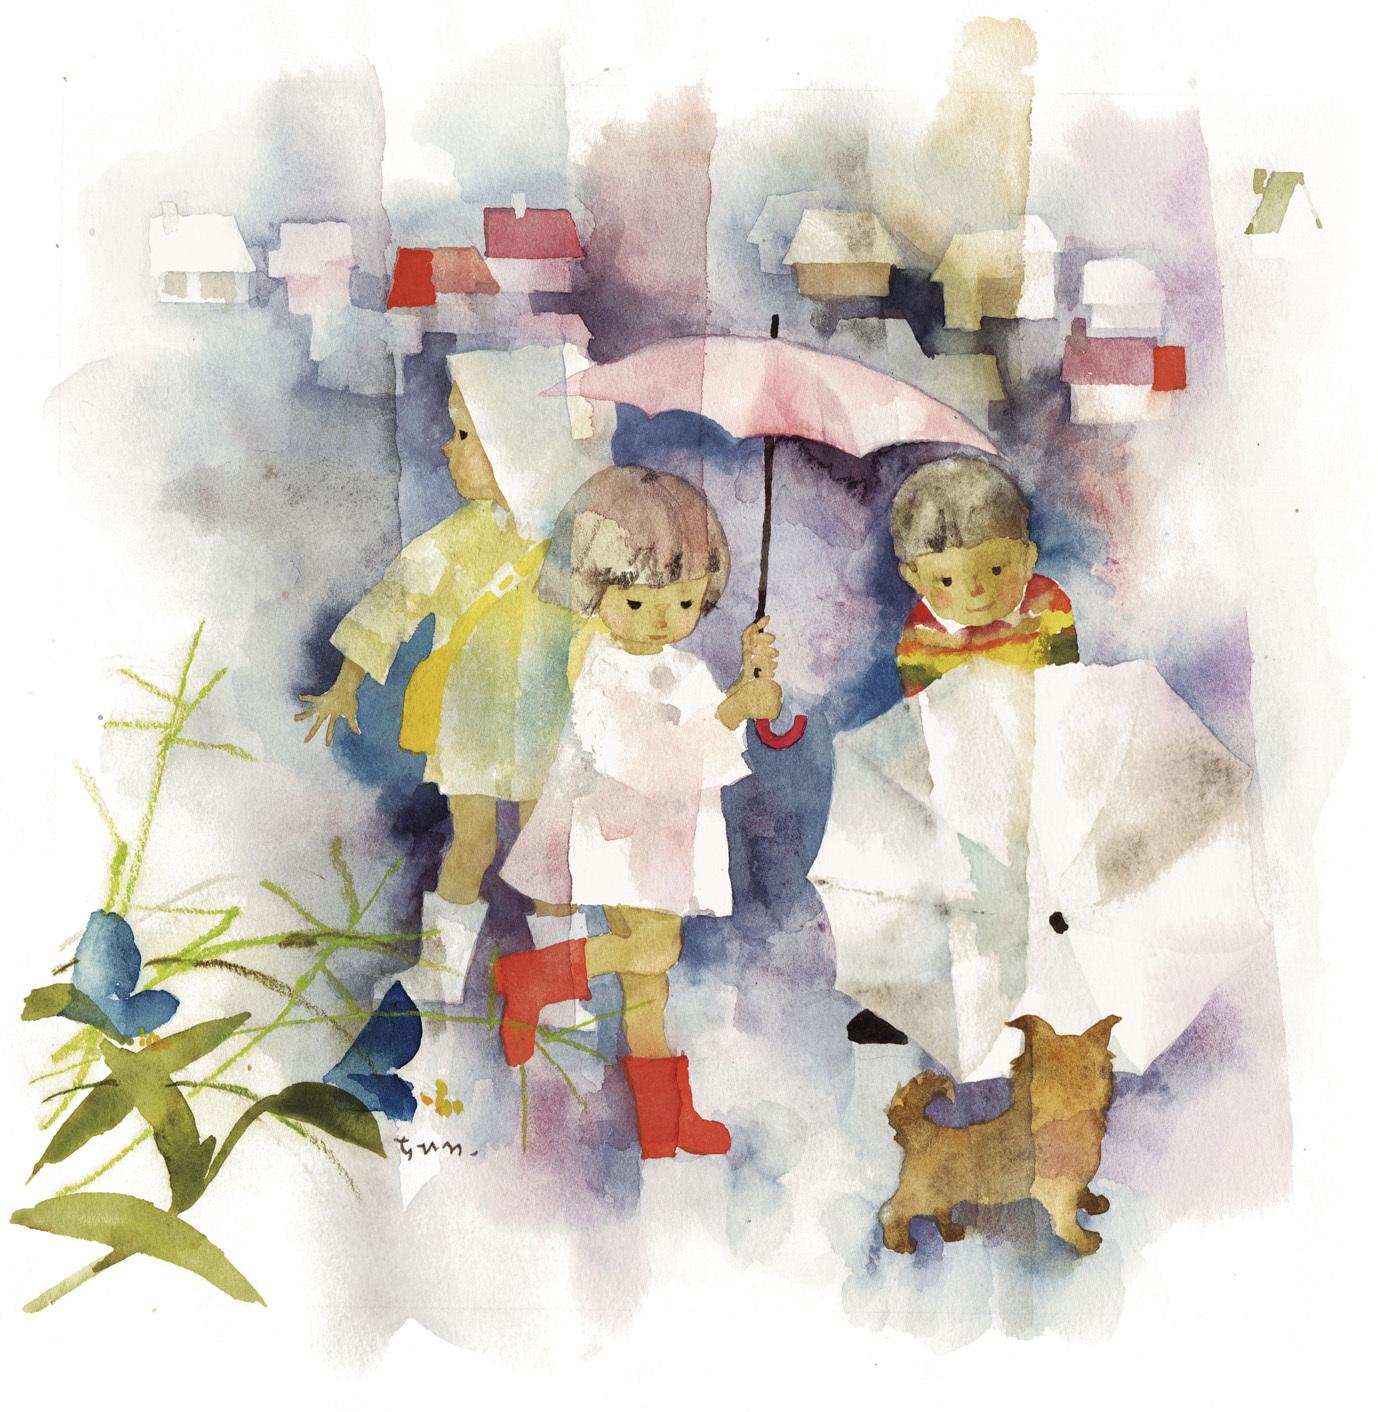 小犬と雨の日の子どもたち 1967年 ちひろ美術館蔵